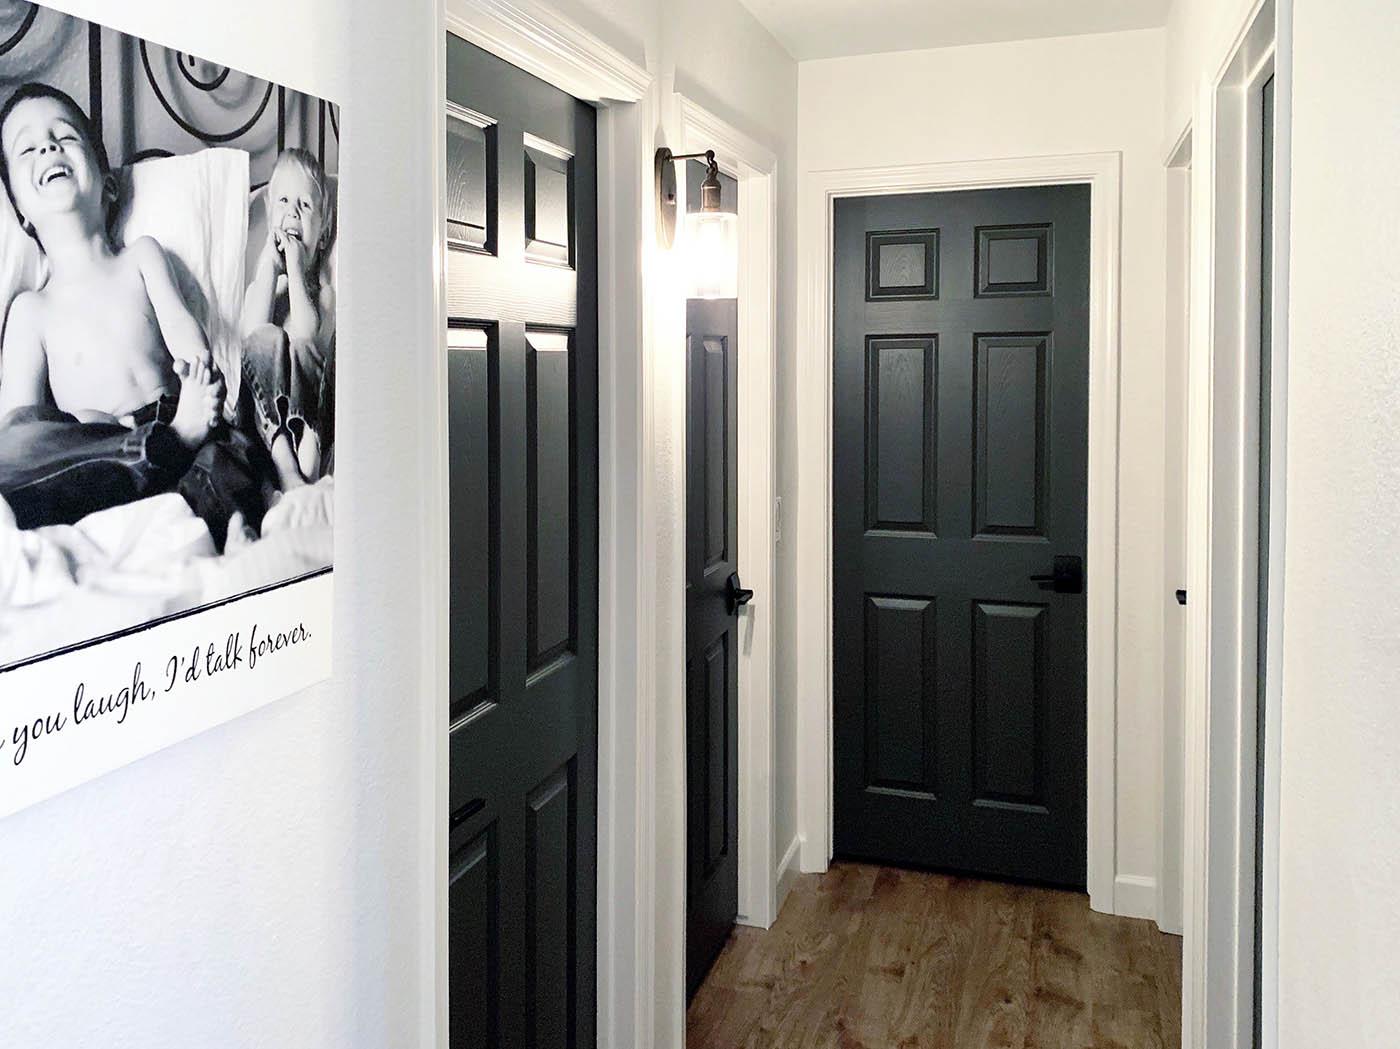 How to paint your interior doors dark grey ... & Dark Gray Doors - How to Paint Your Own - All for the Memories